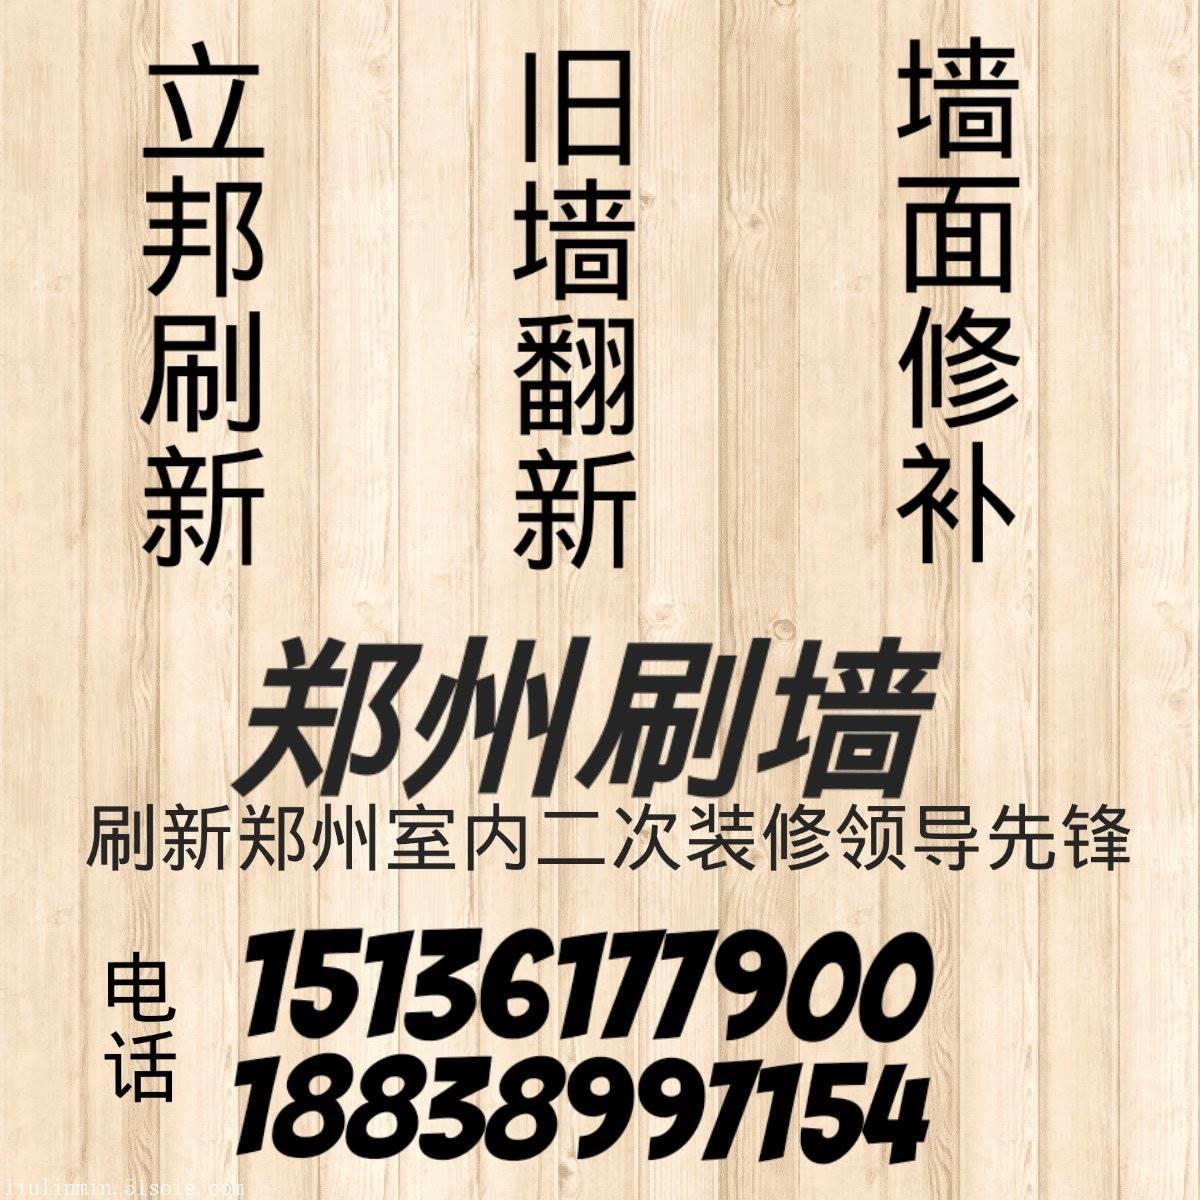 郑州旧墙翻新郑州刷墙师傅